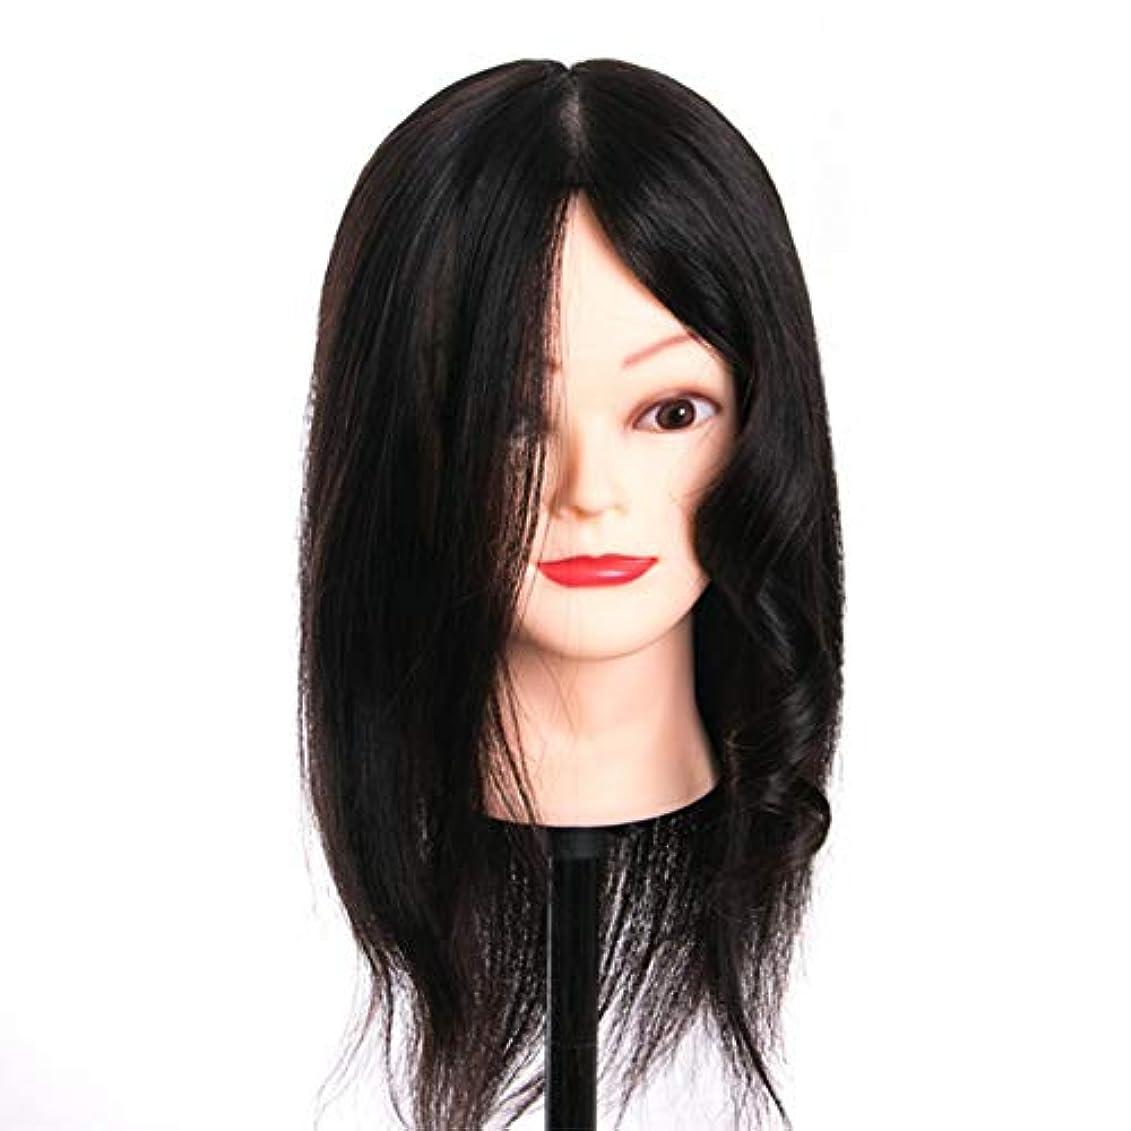 良性正しくキュービックメイクディスクヘアスタイリング編み教育ダミーヘッドサロンエクササイズヘッド金型理髪ヘアカットトレーニングかつら3個